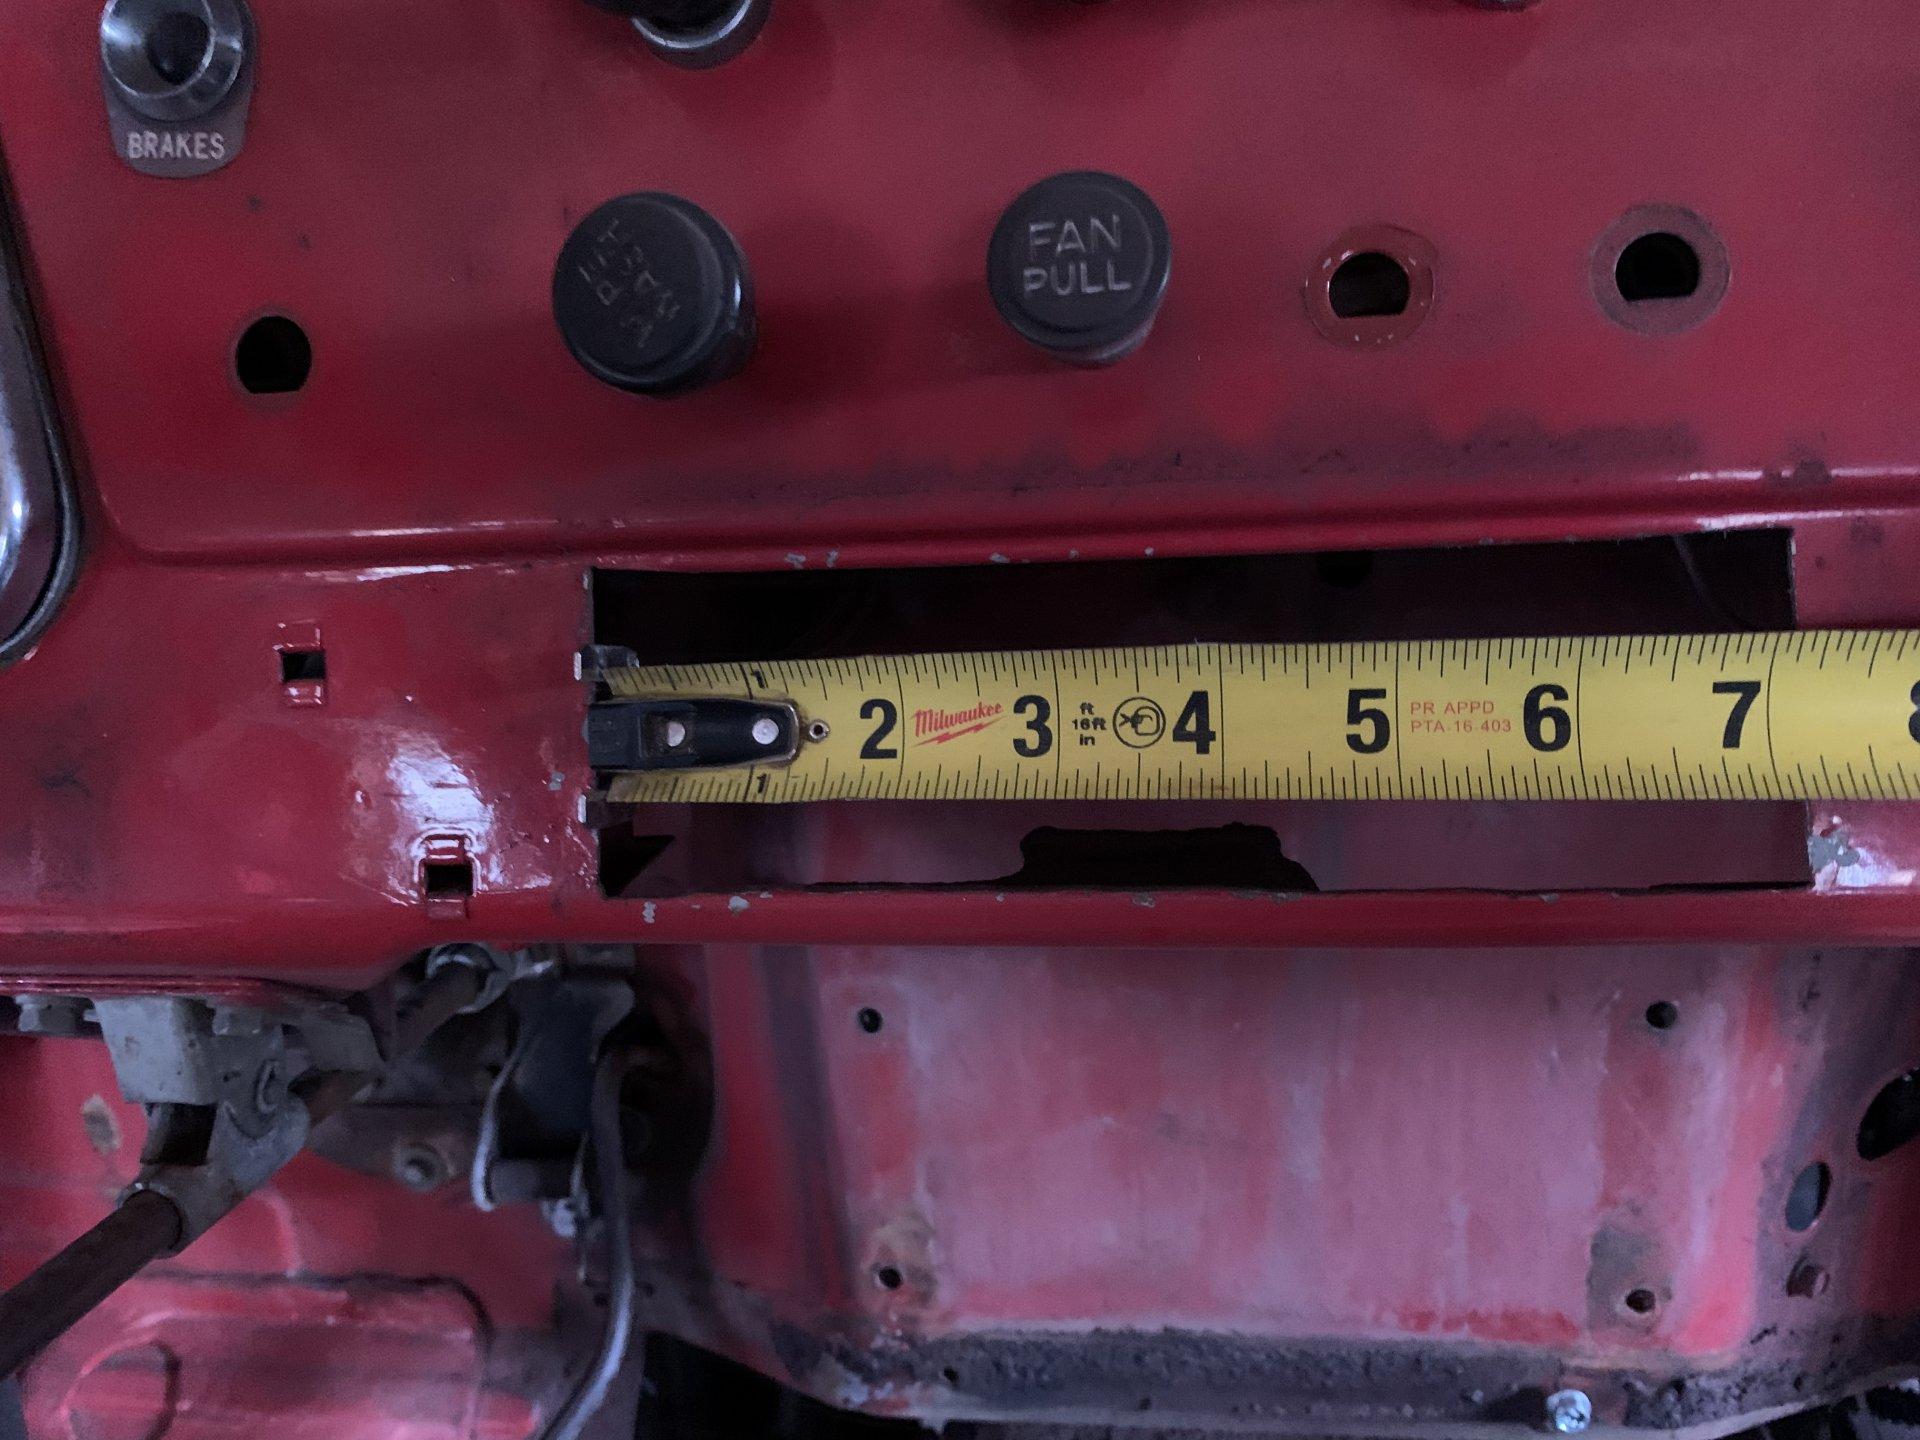 63C16B6E-5543-44BD-9D5A-308149199AA3.jpeg